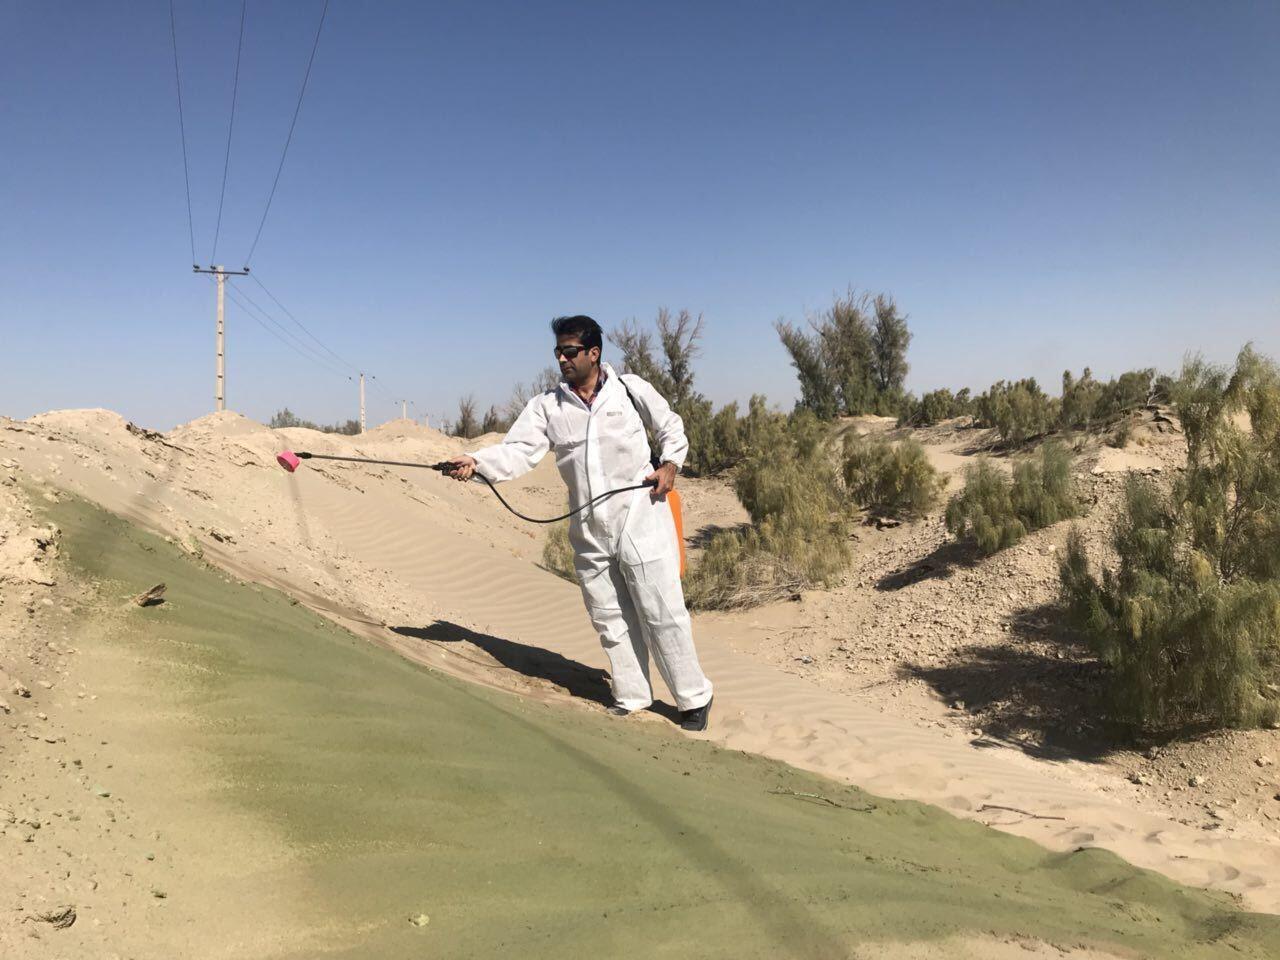 """Notre Observateur en train de tester """"Nanorad851"""" à Chabahar, dans la province du sud-ouest de l'Iran."""